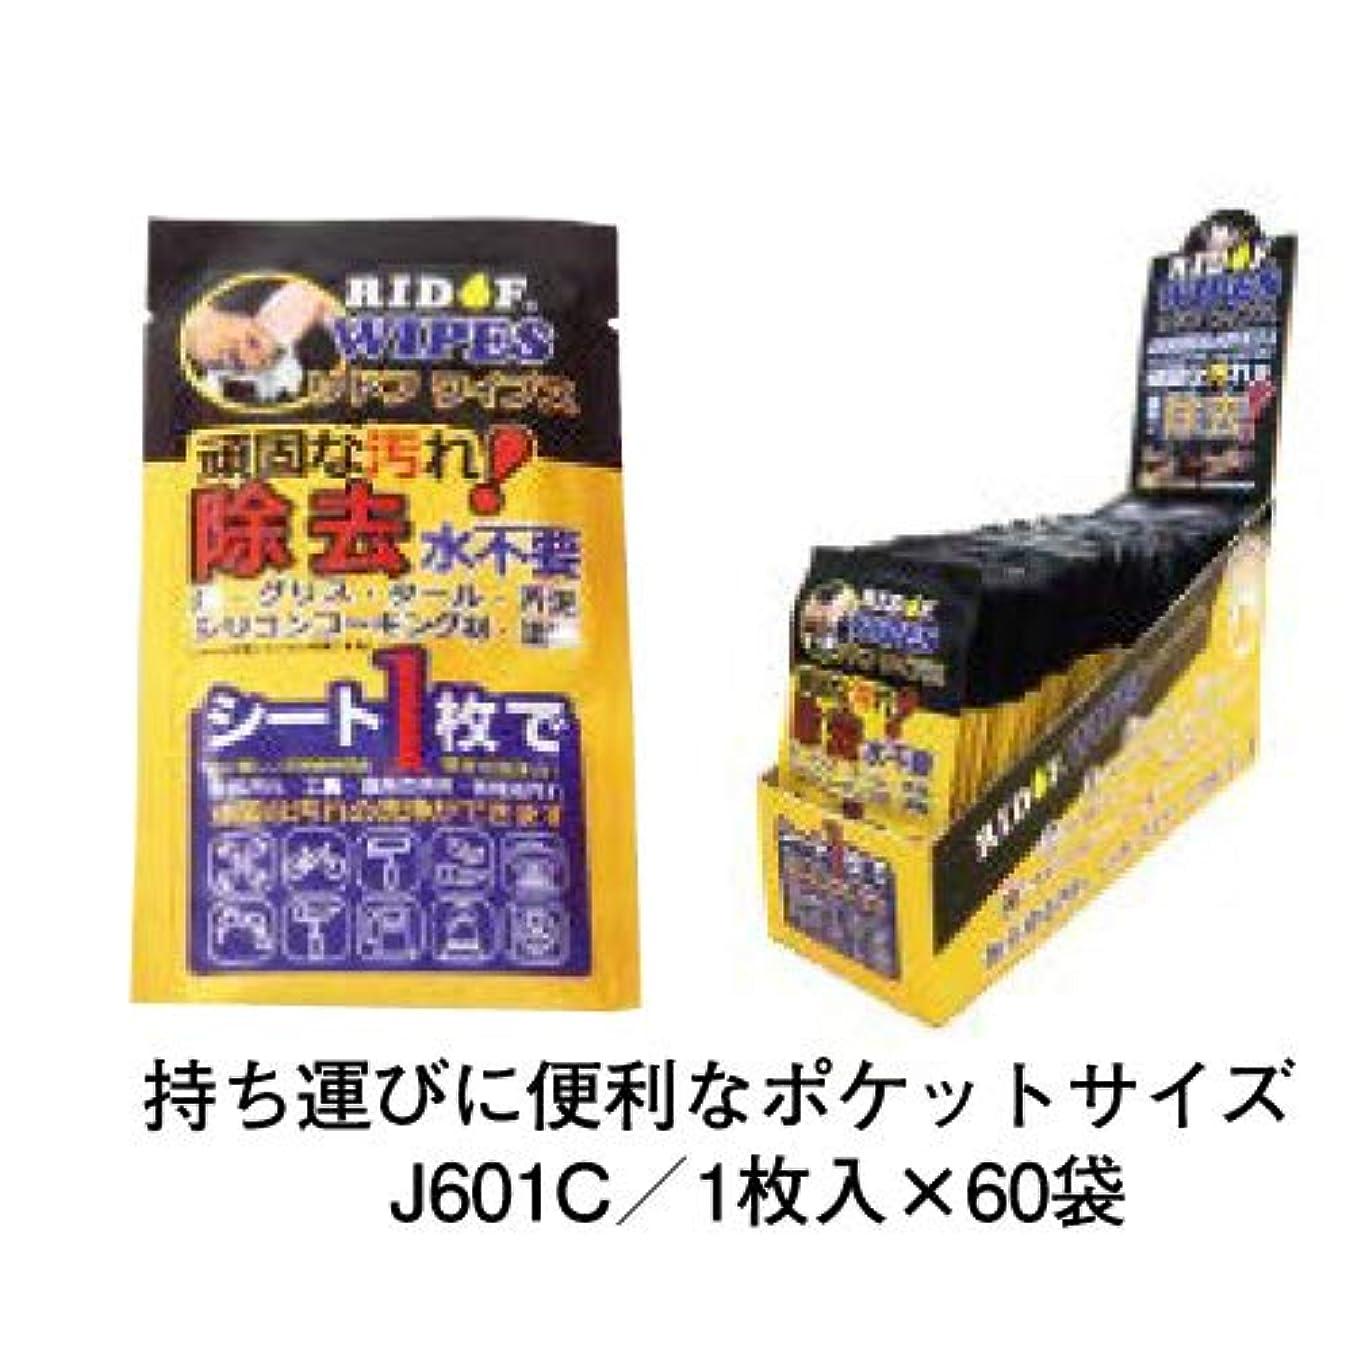 近代化するブラインドくリドフワイプス ポケットタイプ/1枚入×60袋 J601C